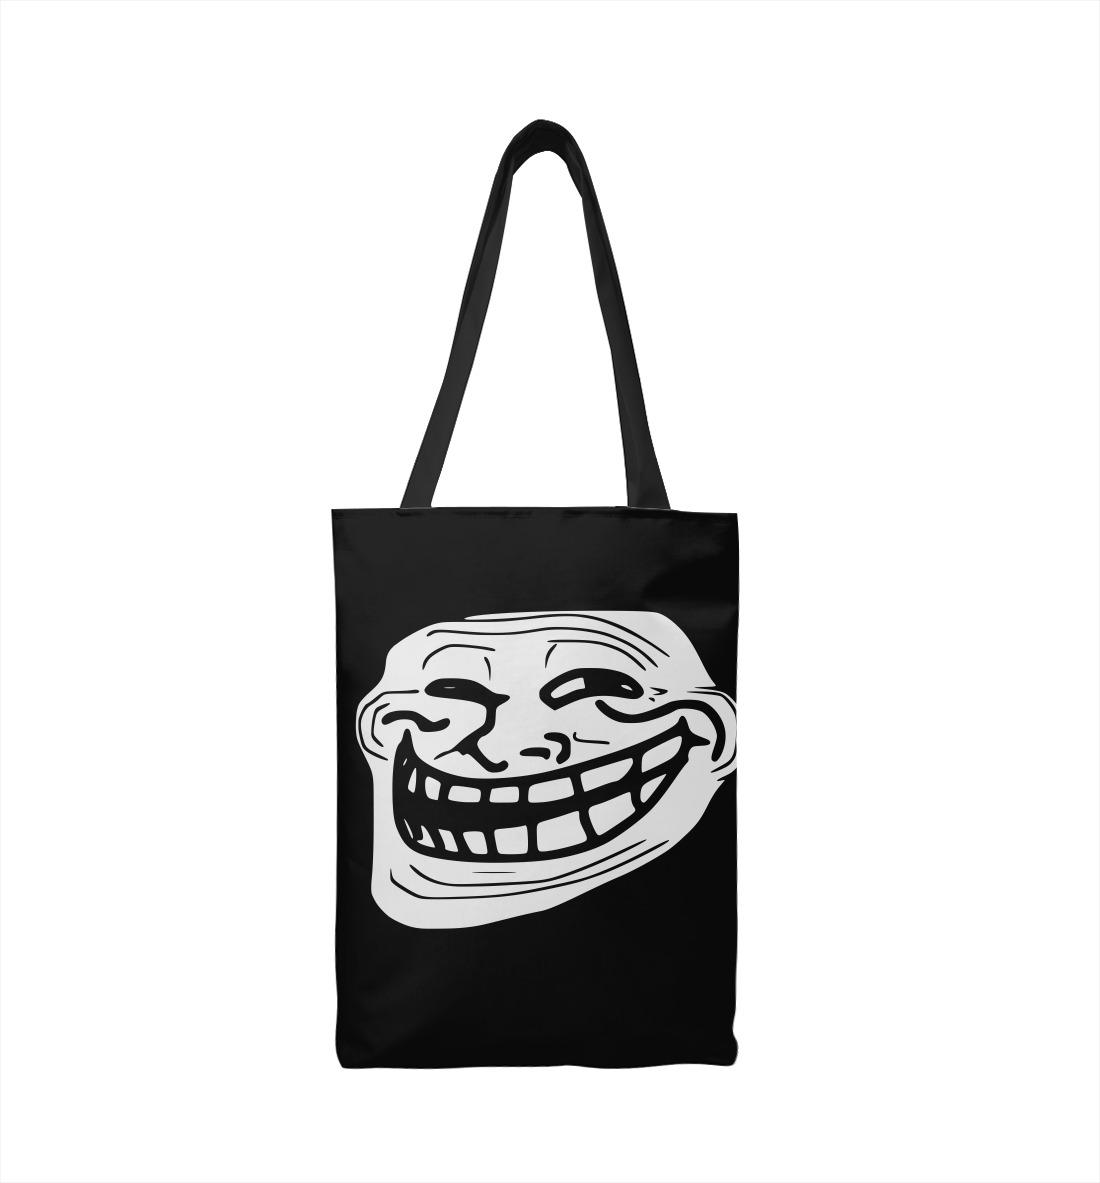 TROLLFACE devops – trollface